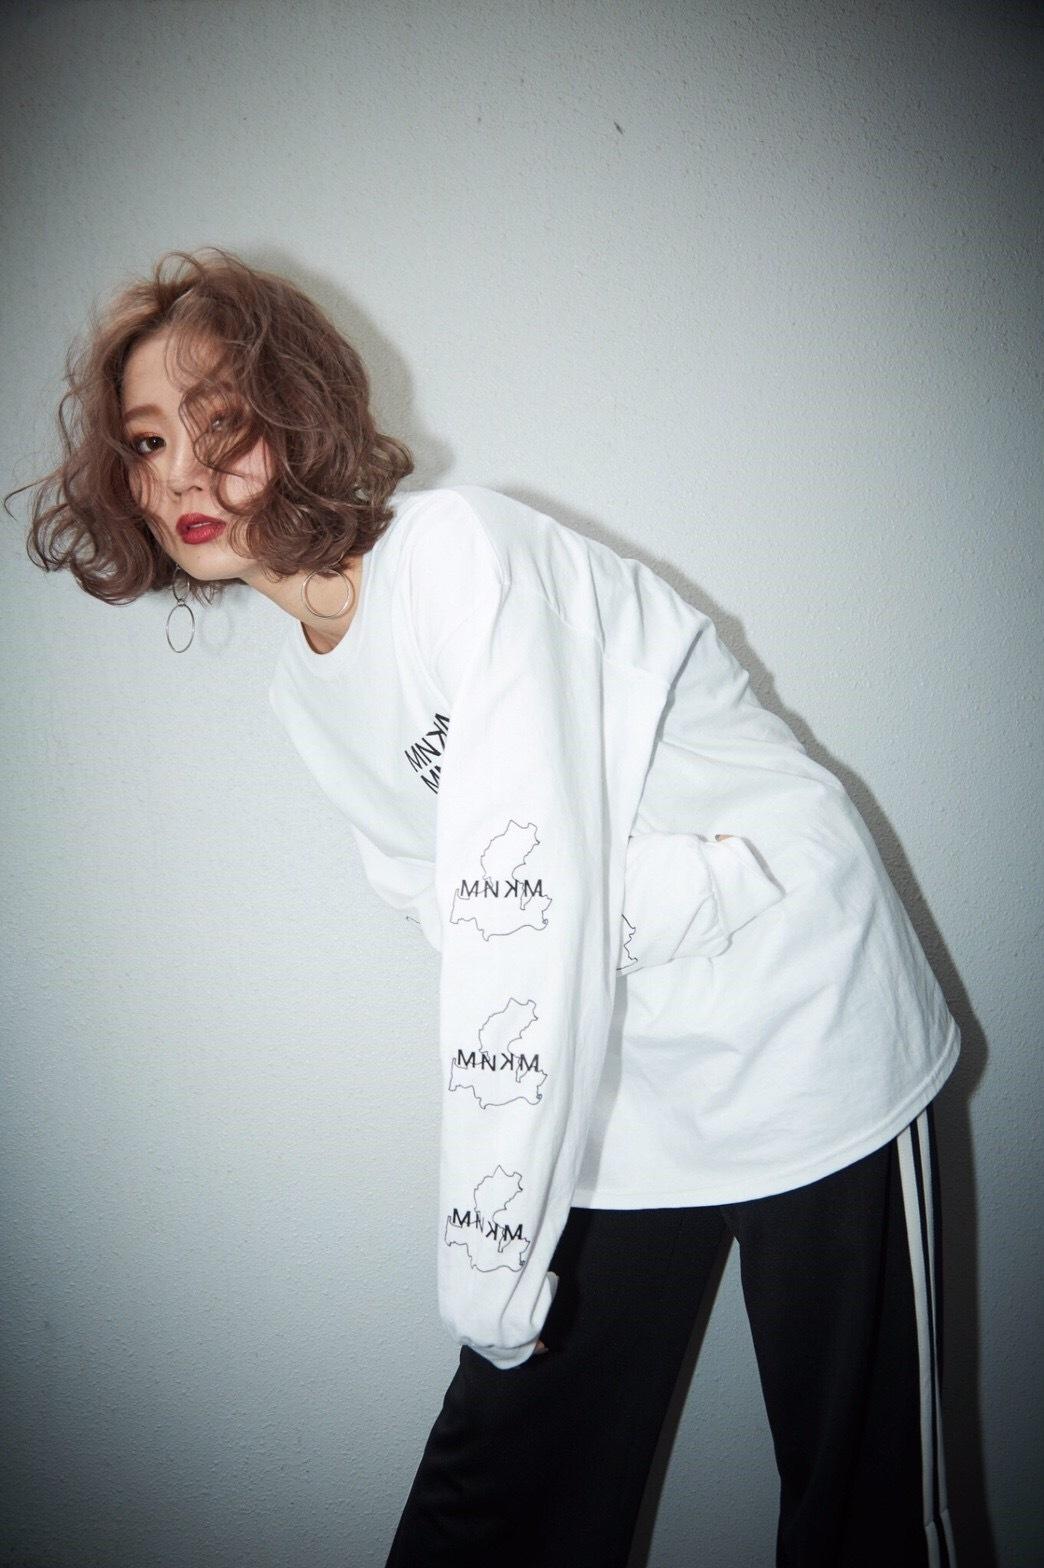 【UNISEX】 Regular MNKM Long sleeves